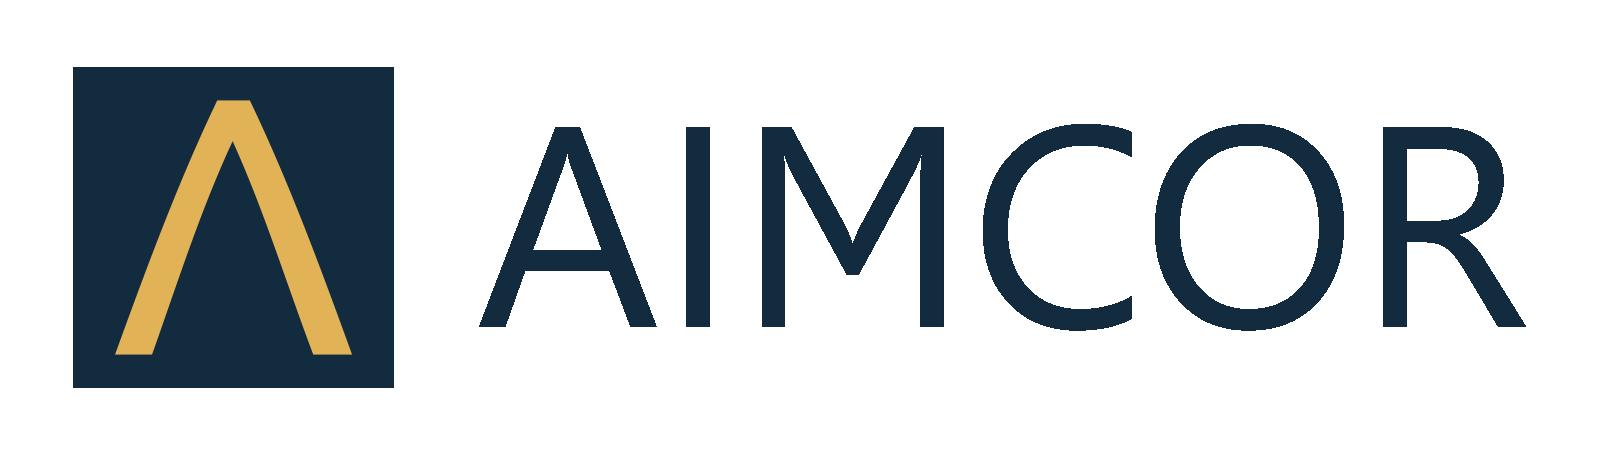 AIMCOR